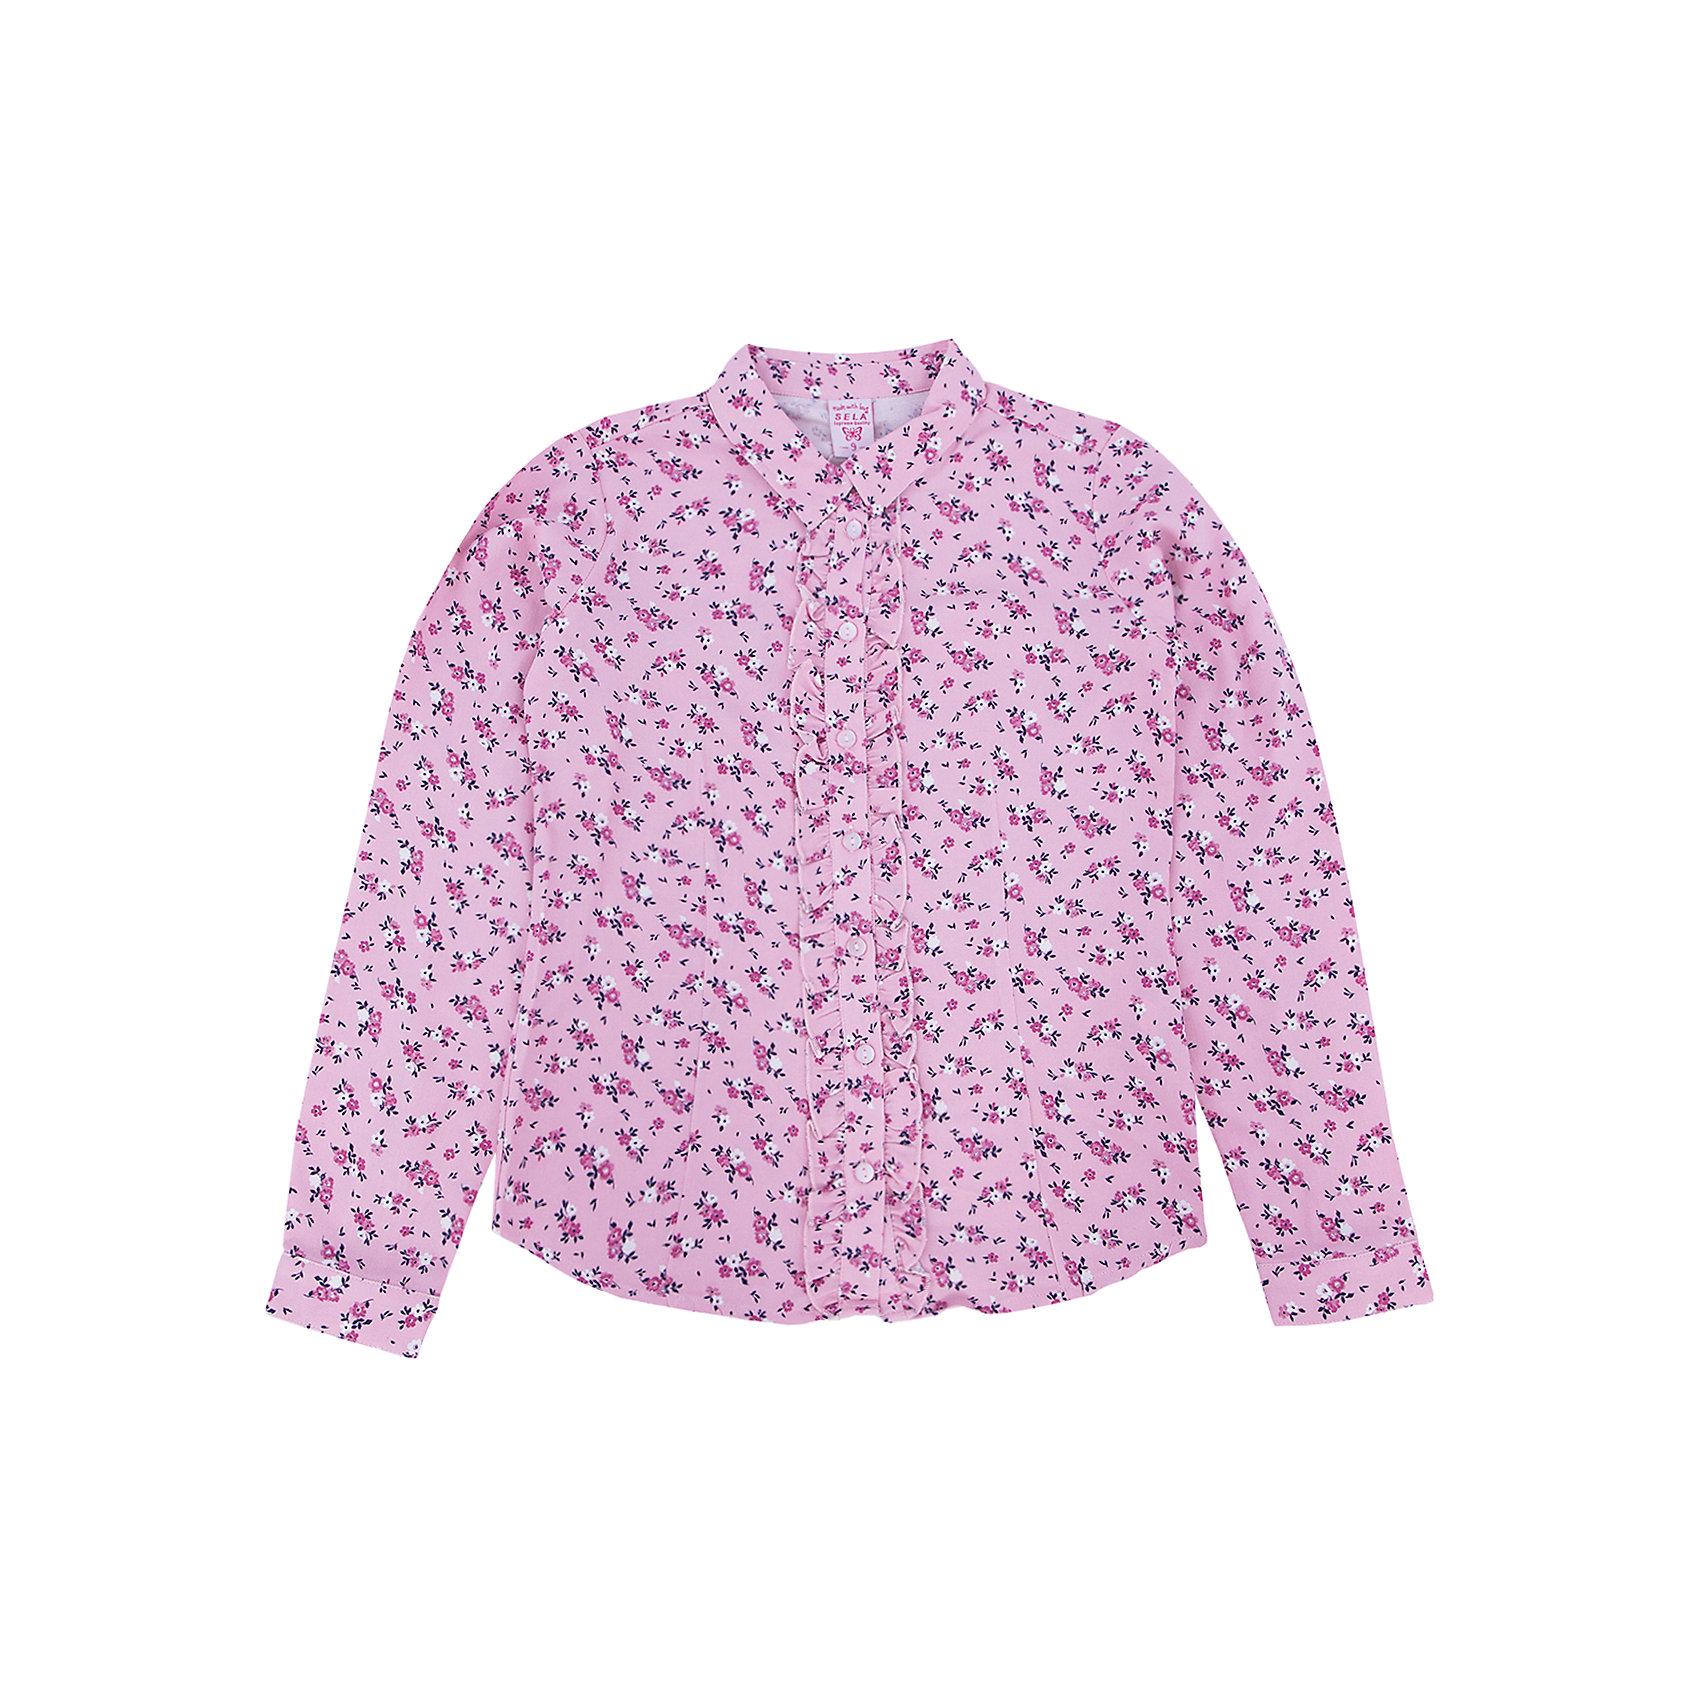 Блузка для девочки SELAОдежда для детей от SELA - это качество и отличные цены. Блузка для девочки из новой коллекции придется по душе любому ребенку. Качественный натуральный материал сочетается с последними модными трендами. Стильный орнамент в нежный цветок делает блузку оригинальной и заметной даже без добавления аксессуаров. <br>Блузка отлично сидит по фигуре благодаря полуприлегающему крою. Универсальность модели позволит создать множество образов.  Все материалы, использованные в создании изделия,  отвечают современным требованиям по качеству и безопасности продукции. <br><br>Дополнительная информация:<br><br>цвет: розовый;<br>состав: 100% вискоза;<br>рукав длинный, с манжетом, силуэт полуприлегающий.<br><br>Блузку для девочки от компании SELA можно купить в нашем магазине.<br><br>Ширина мм: 186<br>Глубина мм: 87<br>Высота мм: 198<br>Вес г: 197<br>Цвет: розовый<br>Возраст от месяцев: 60<br>Возраст до месяцев: 72<br>Пол: Женский<br>Возраст: Детский<br>Размер: 116,122,152,128,134,146,140<br>SKU: 4912901